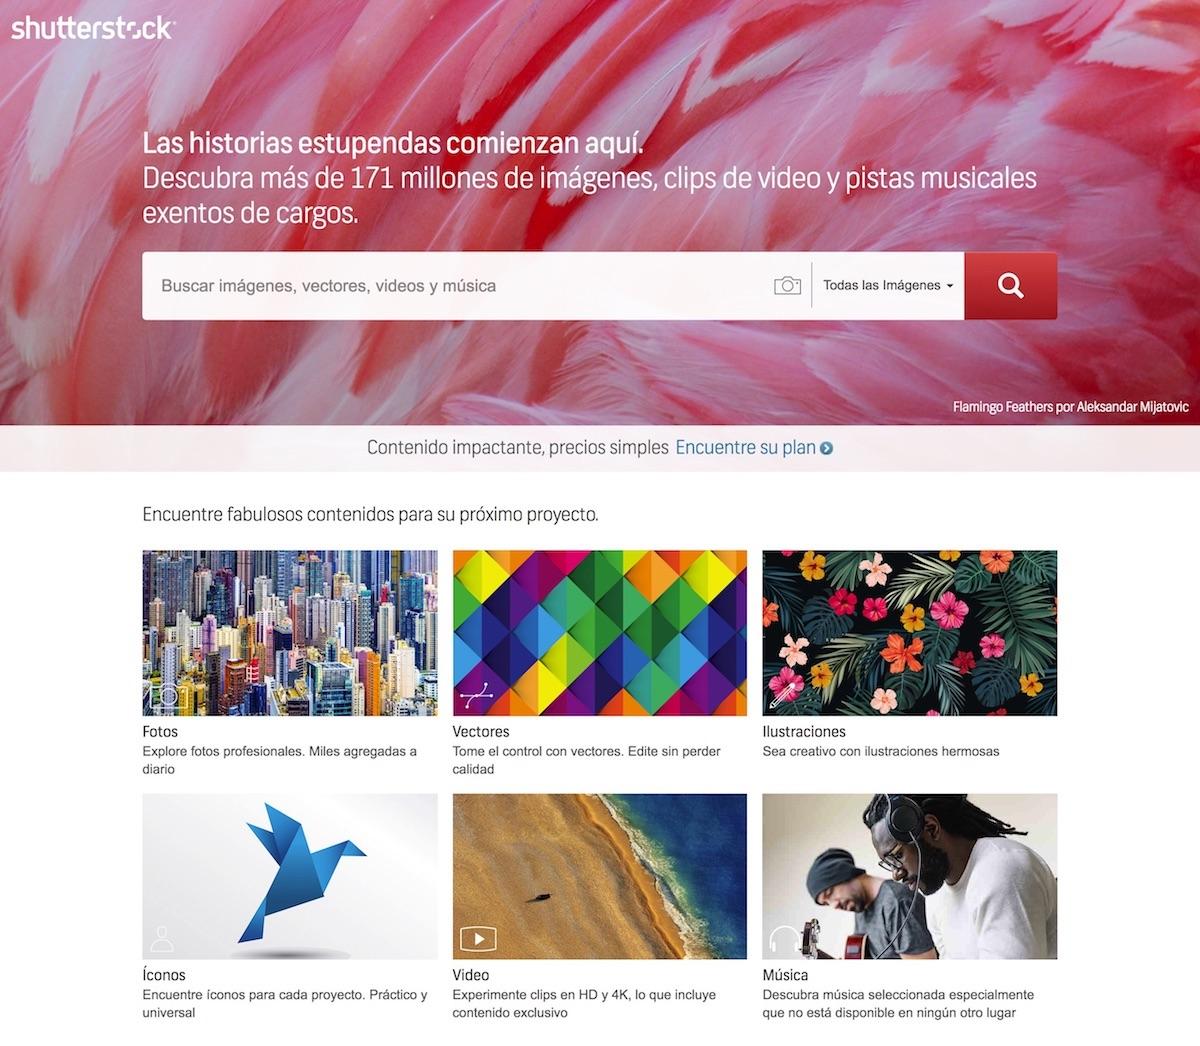 Shutterstock millones de imagenes